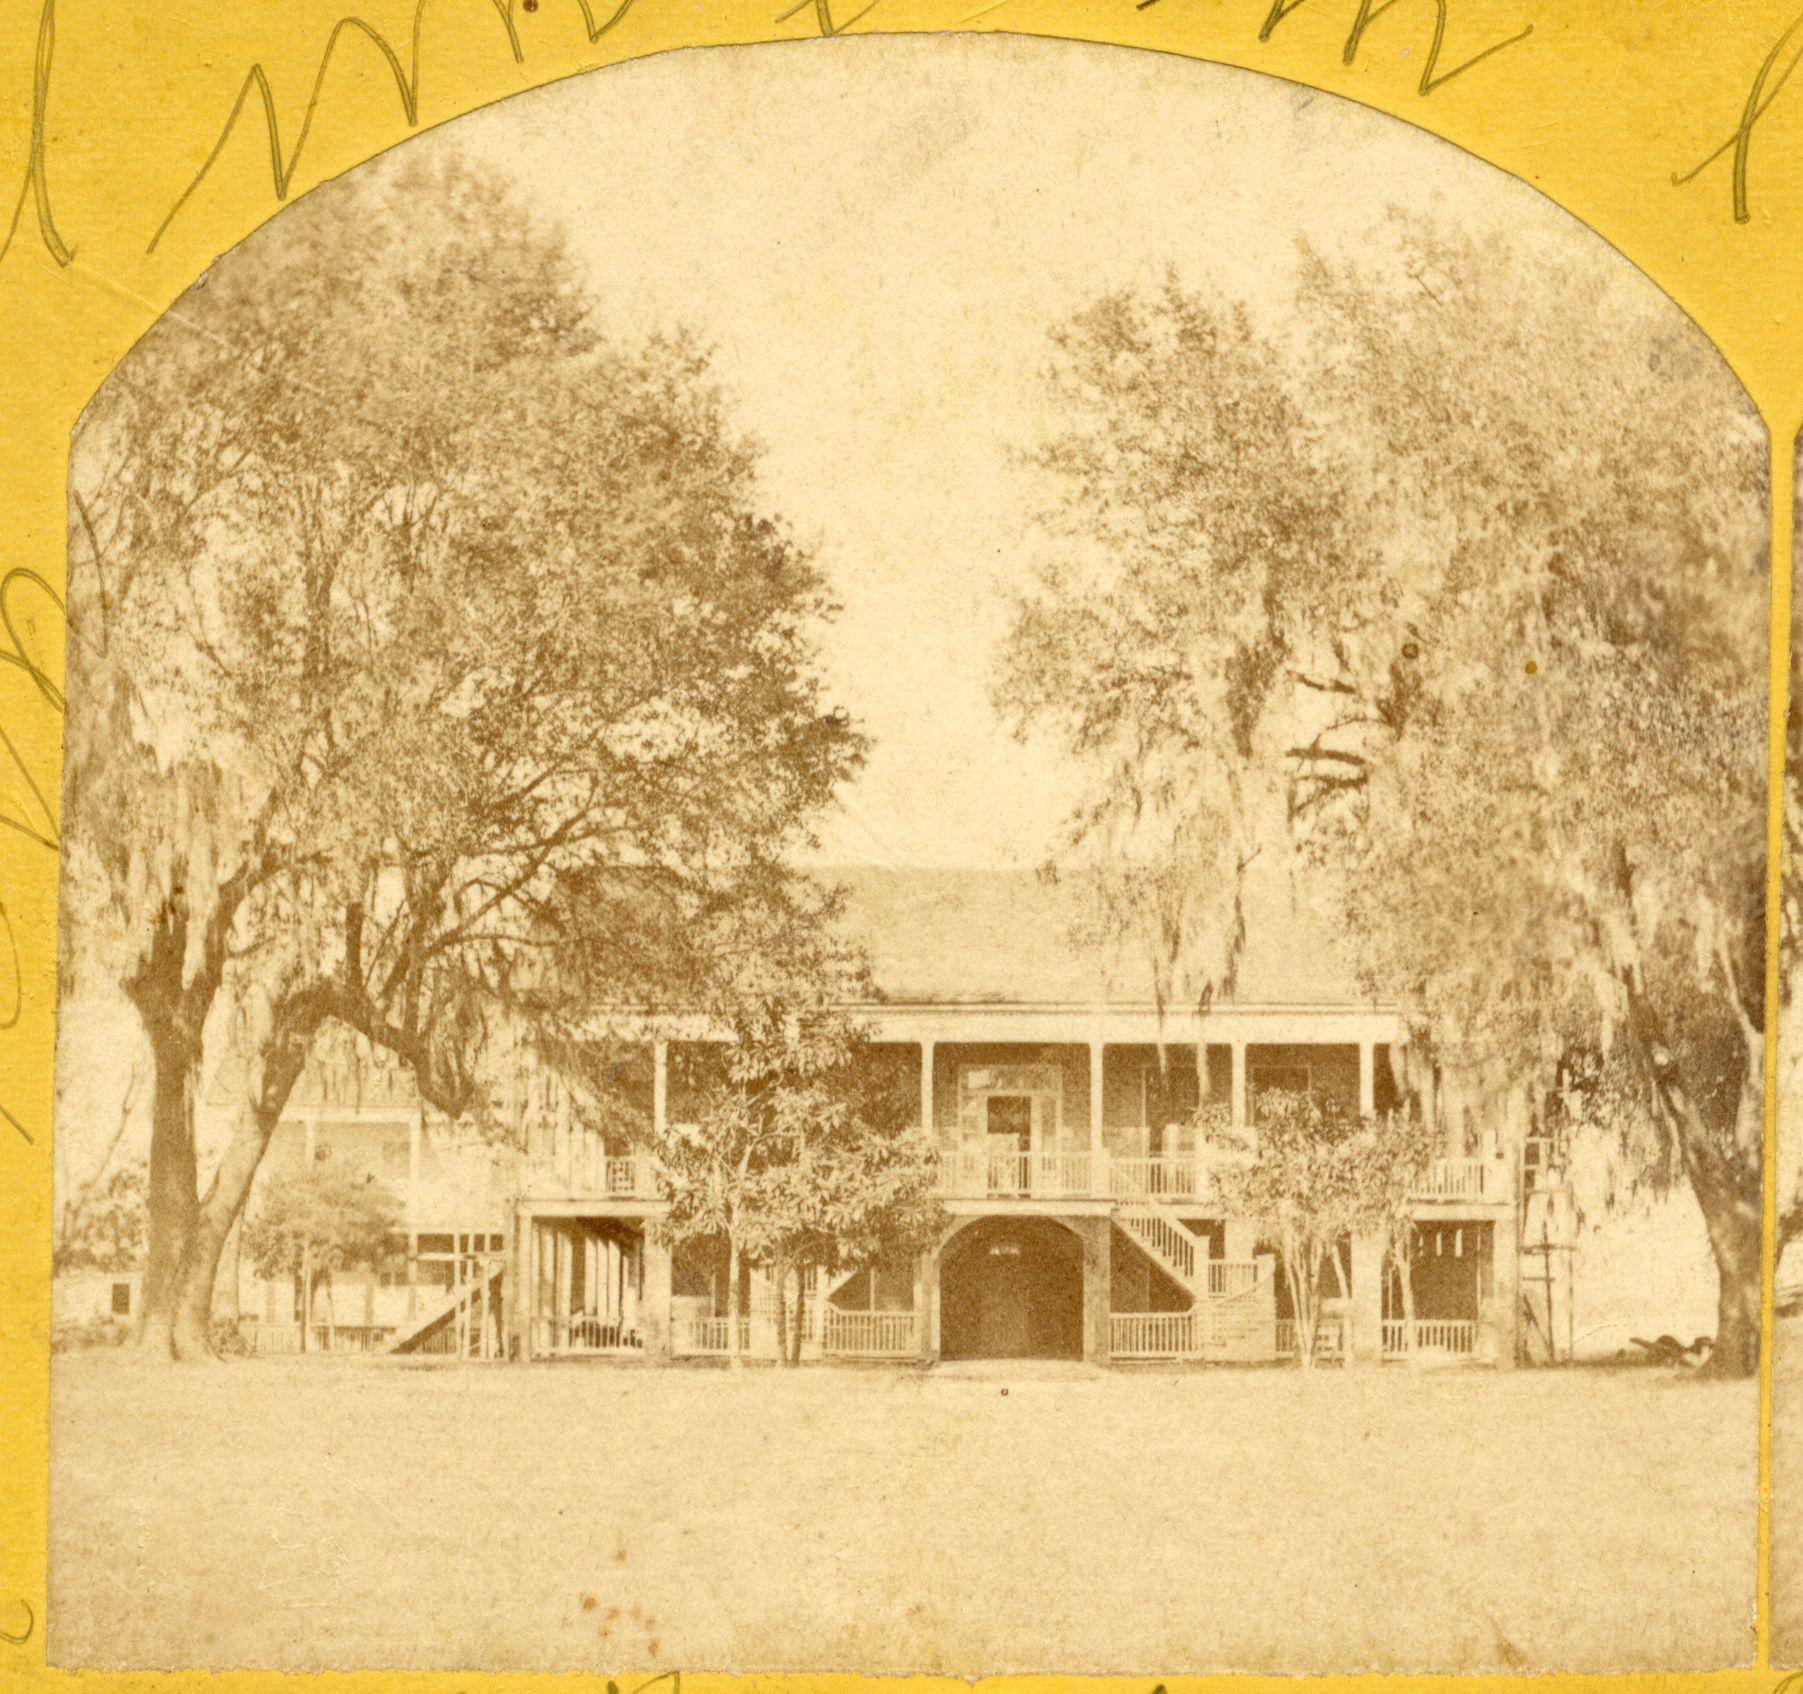 Rienzi 1870s Louisiana in 2019 Louisiana plantations